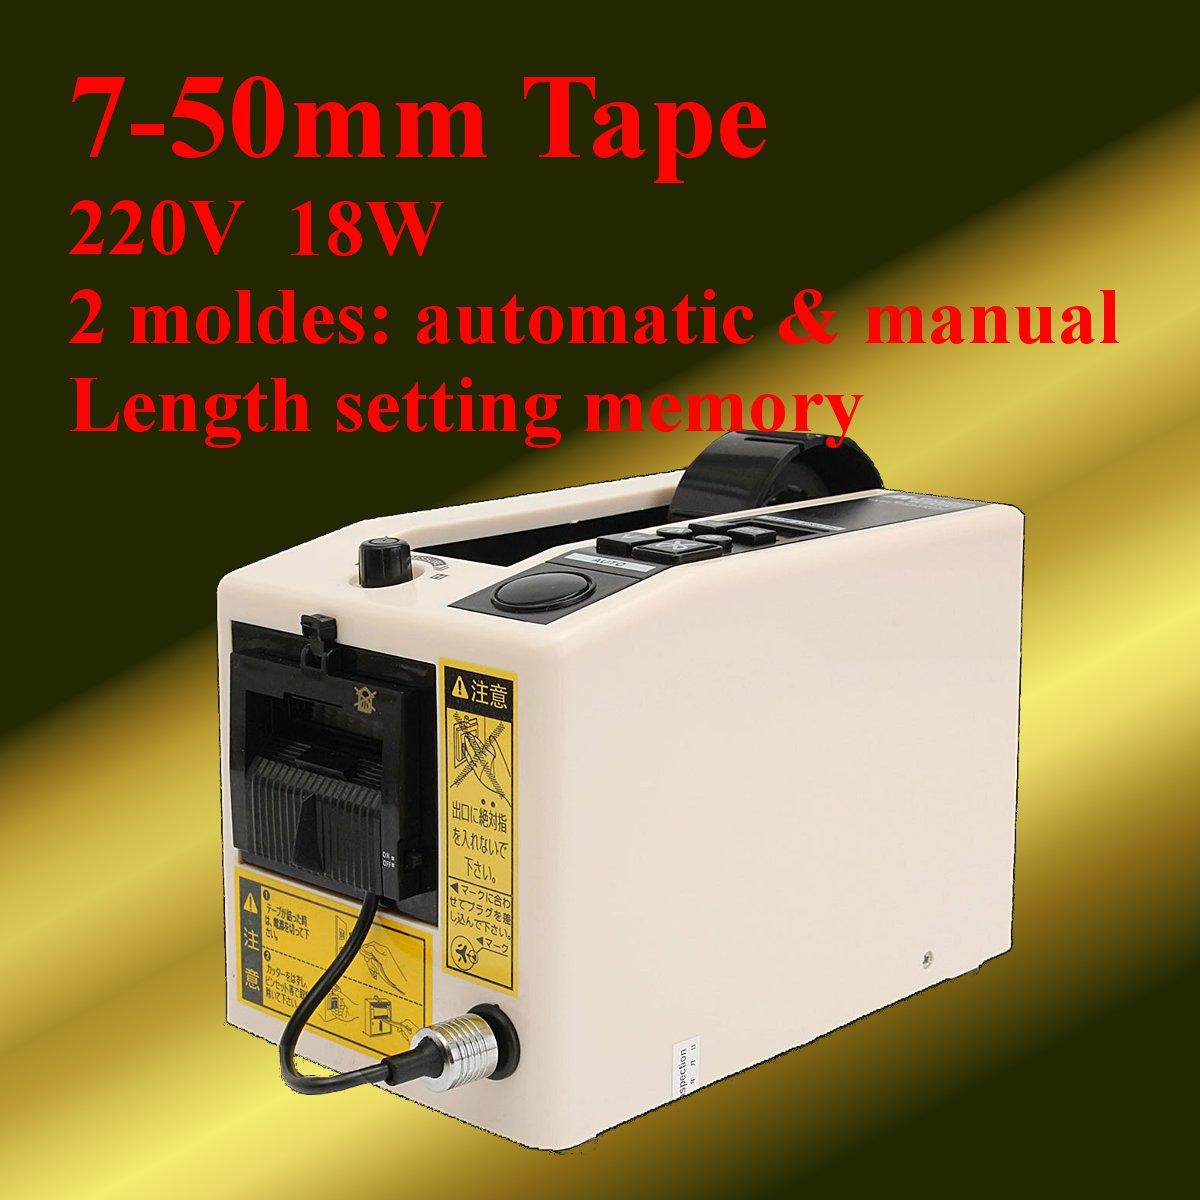 220 V 18 W dispensadores automáticos de cinta máquina cortadora de cinta adhesiva máquina de embalaje herramienta de corte de cinta equipo de oficina